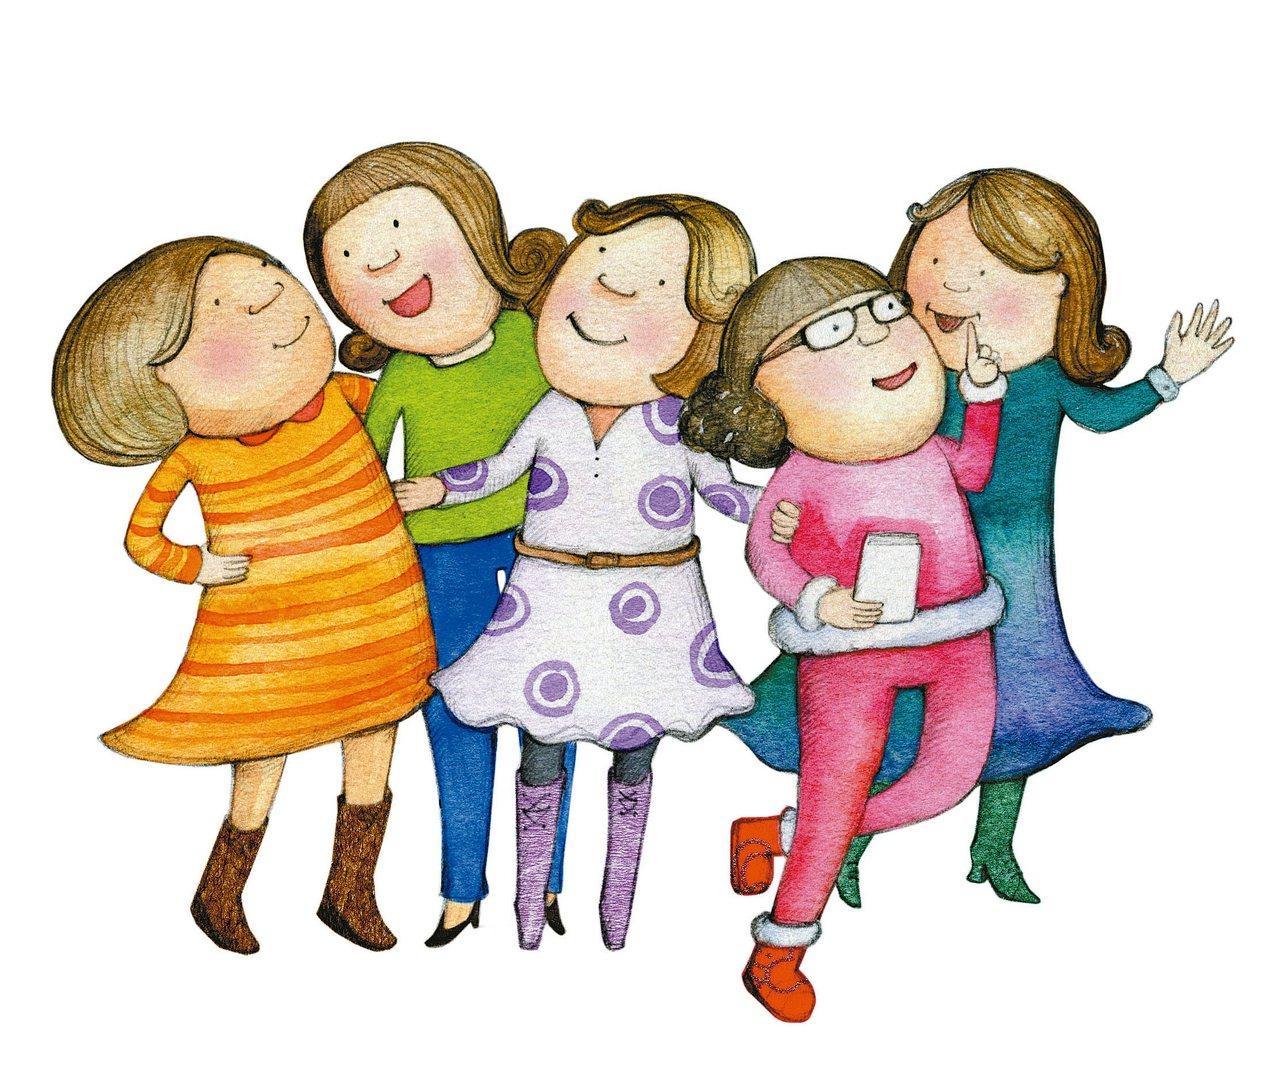 老媽七年連生五女,所以我們姊妹年齡差距不大,樣子像同一個模子刻出來的也是自然,但...